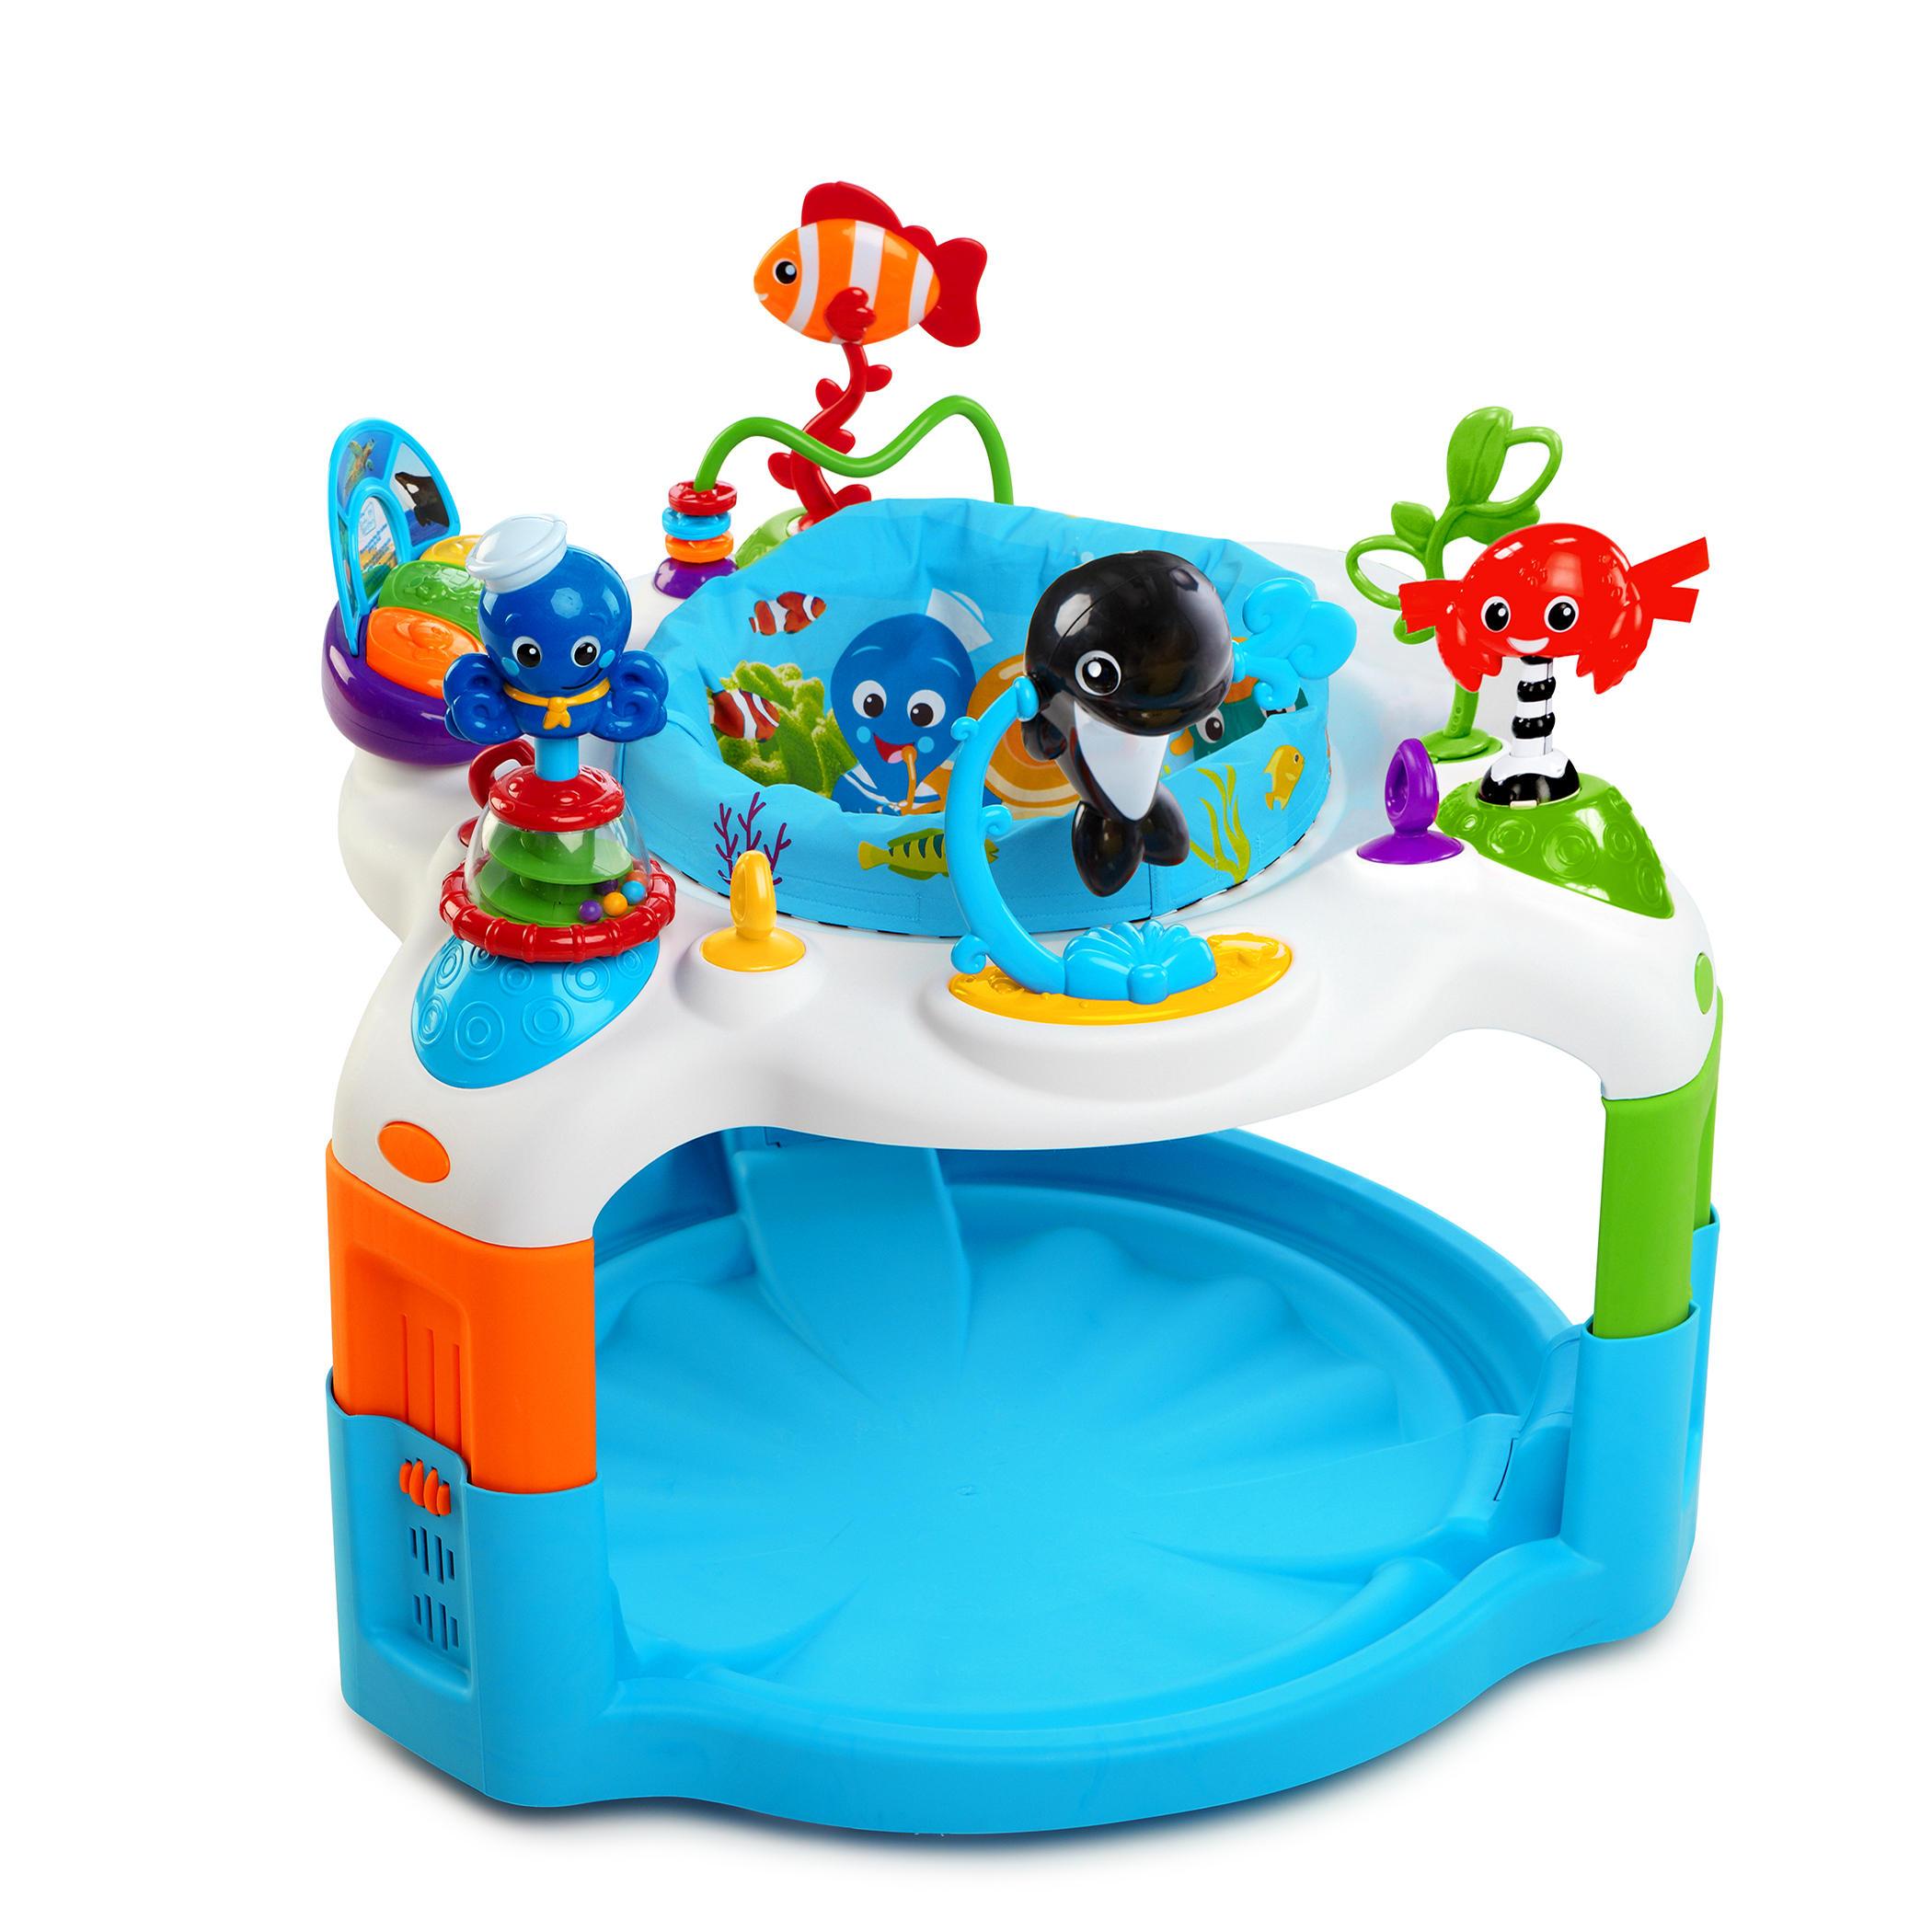 Baby Einstein Rhythm of the Reef Activity Saucer - Walmart.com